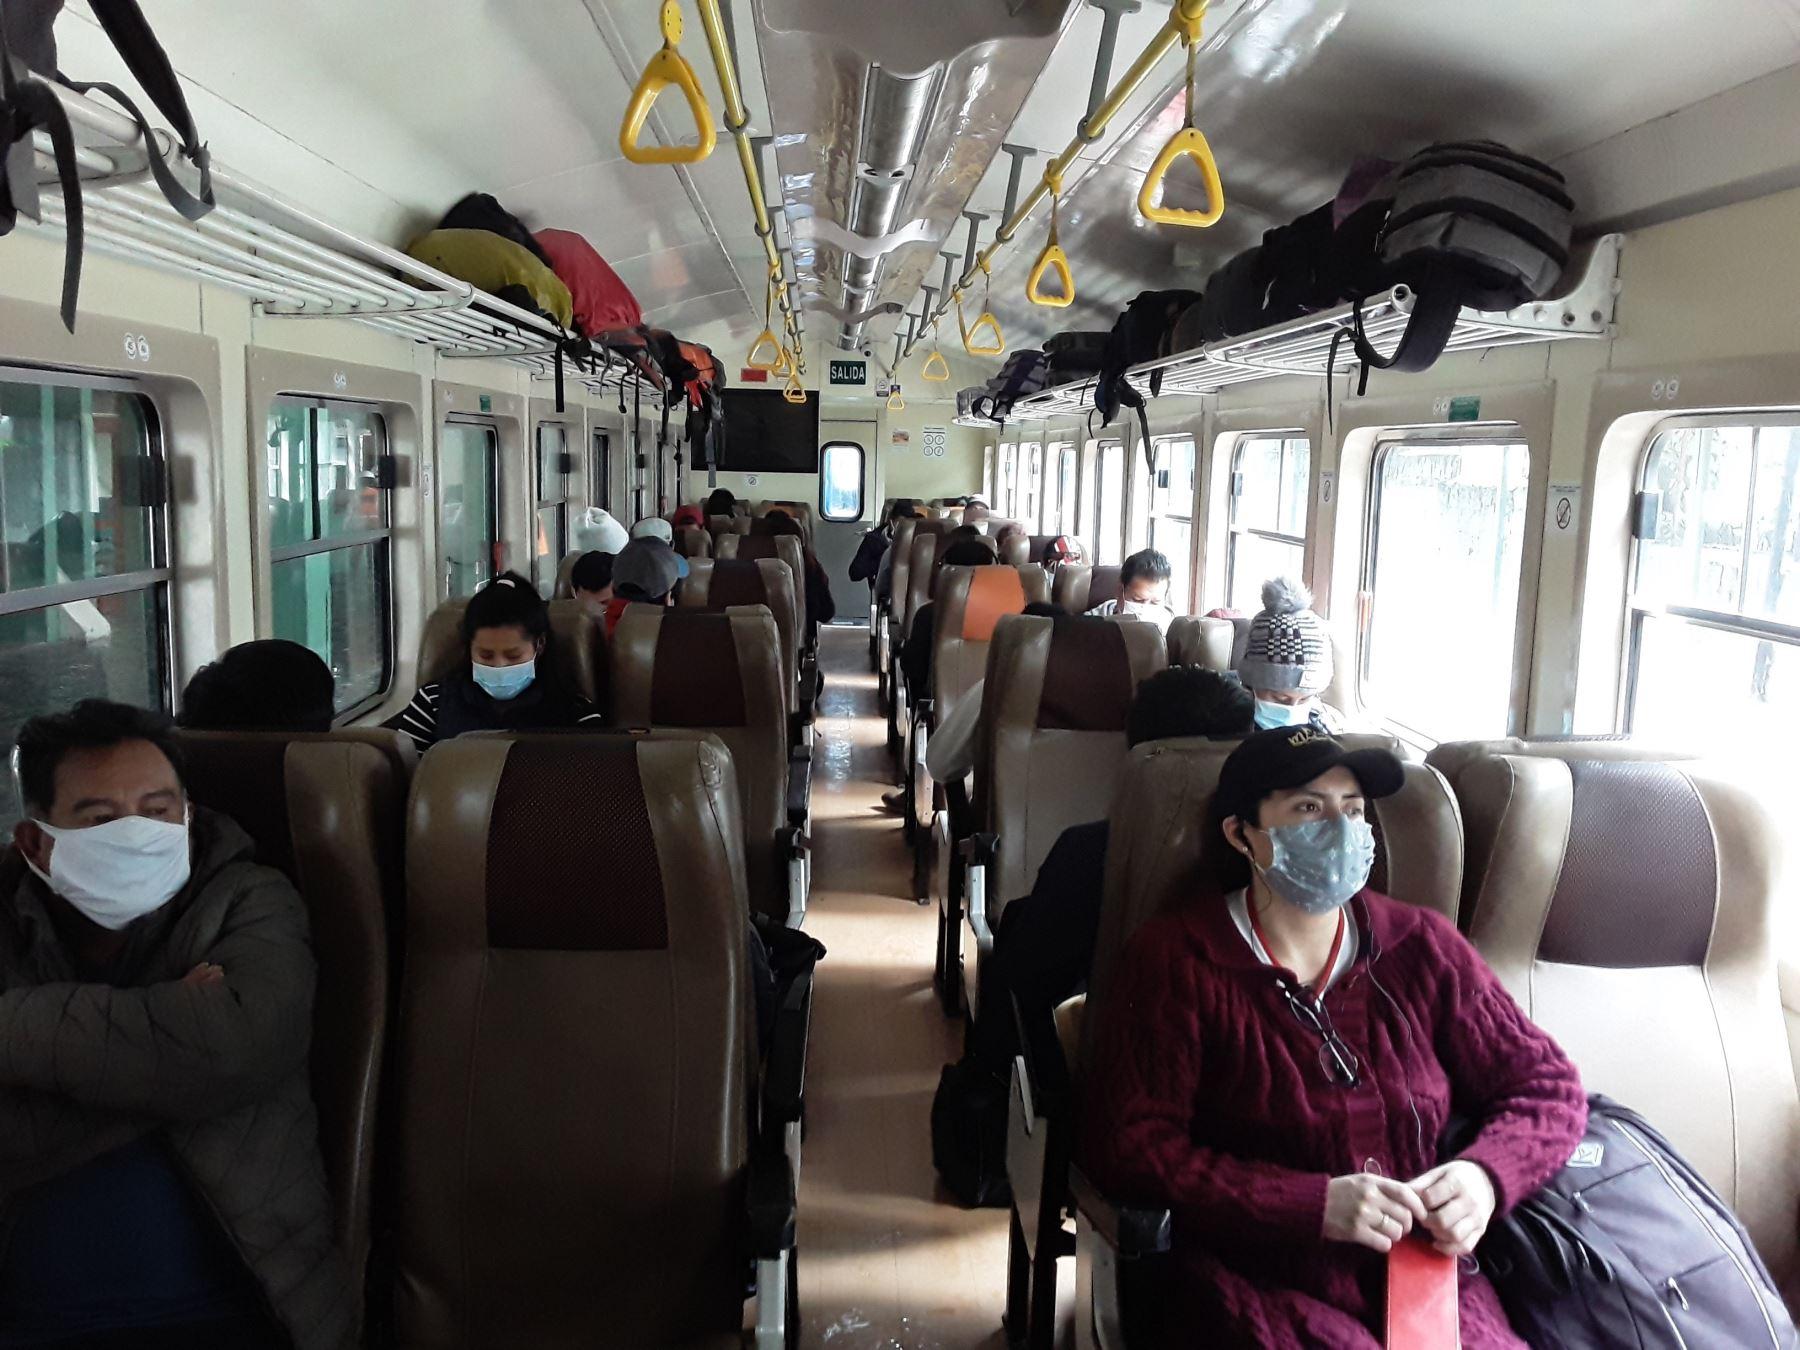 La empresa PeruRail culminó con la elaboración de su protocolo de salud y seguridad para reanudar su servicio turístico en los ferrocarriles que trasladan pasajeros a Machu Picchu. ANDINA/Difusión